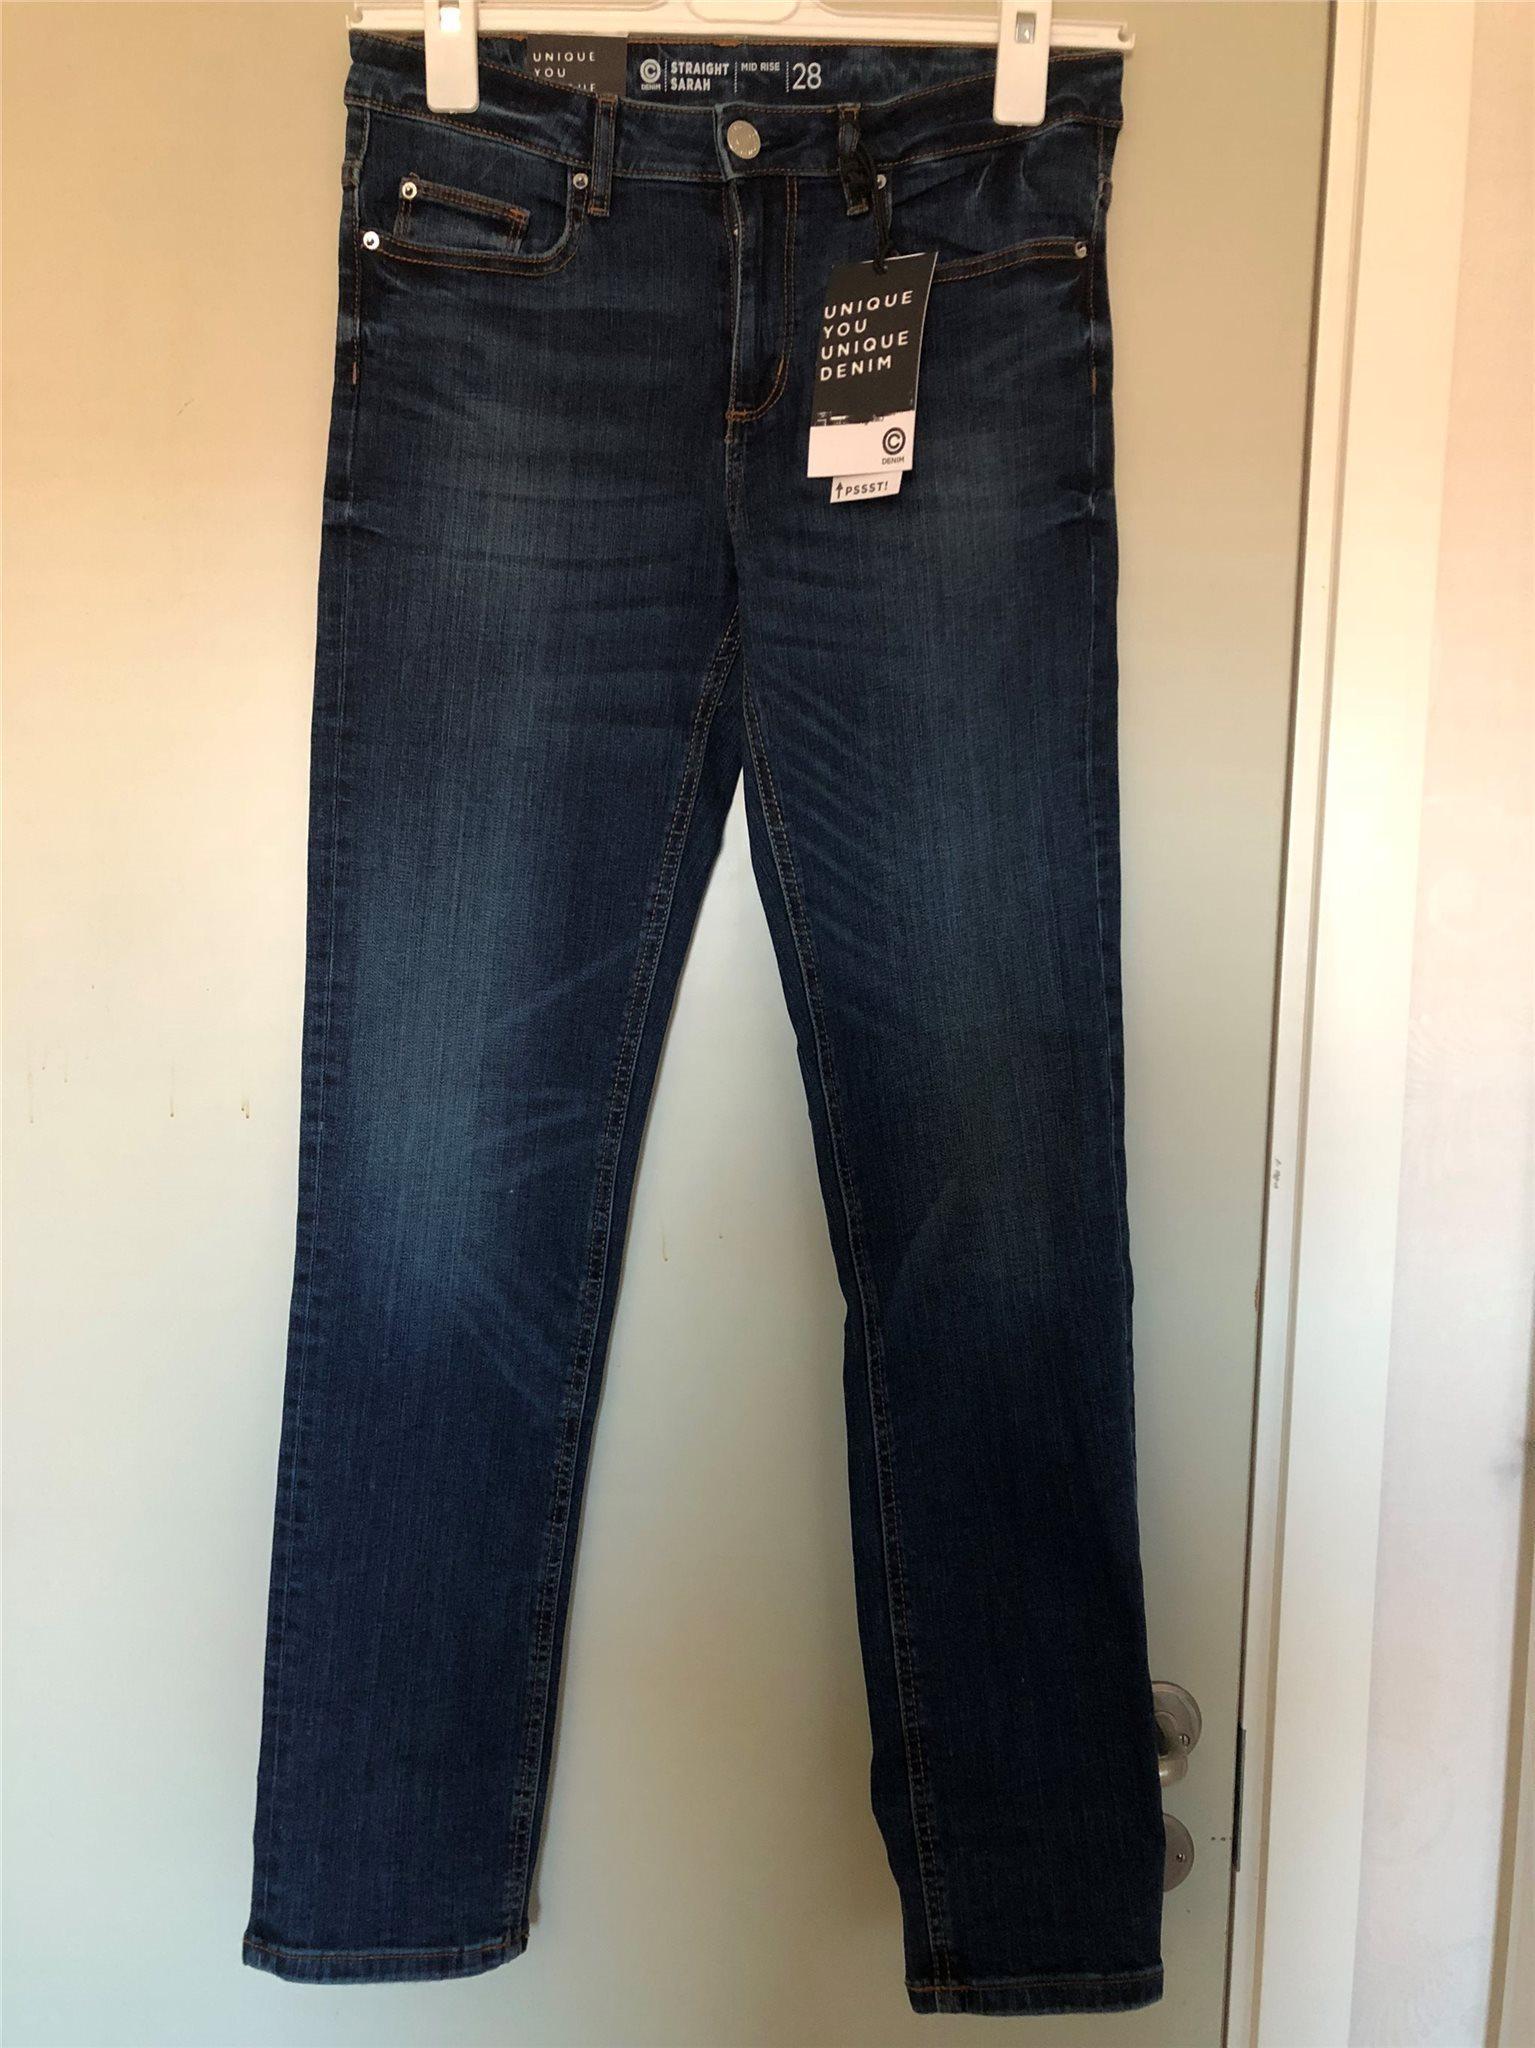 Nytt Cubus jeans strl 28 (334421613) ᐈ Köp på Tradera c4a379030c797